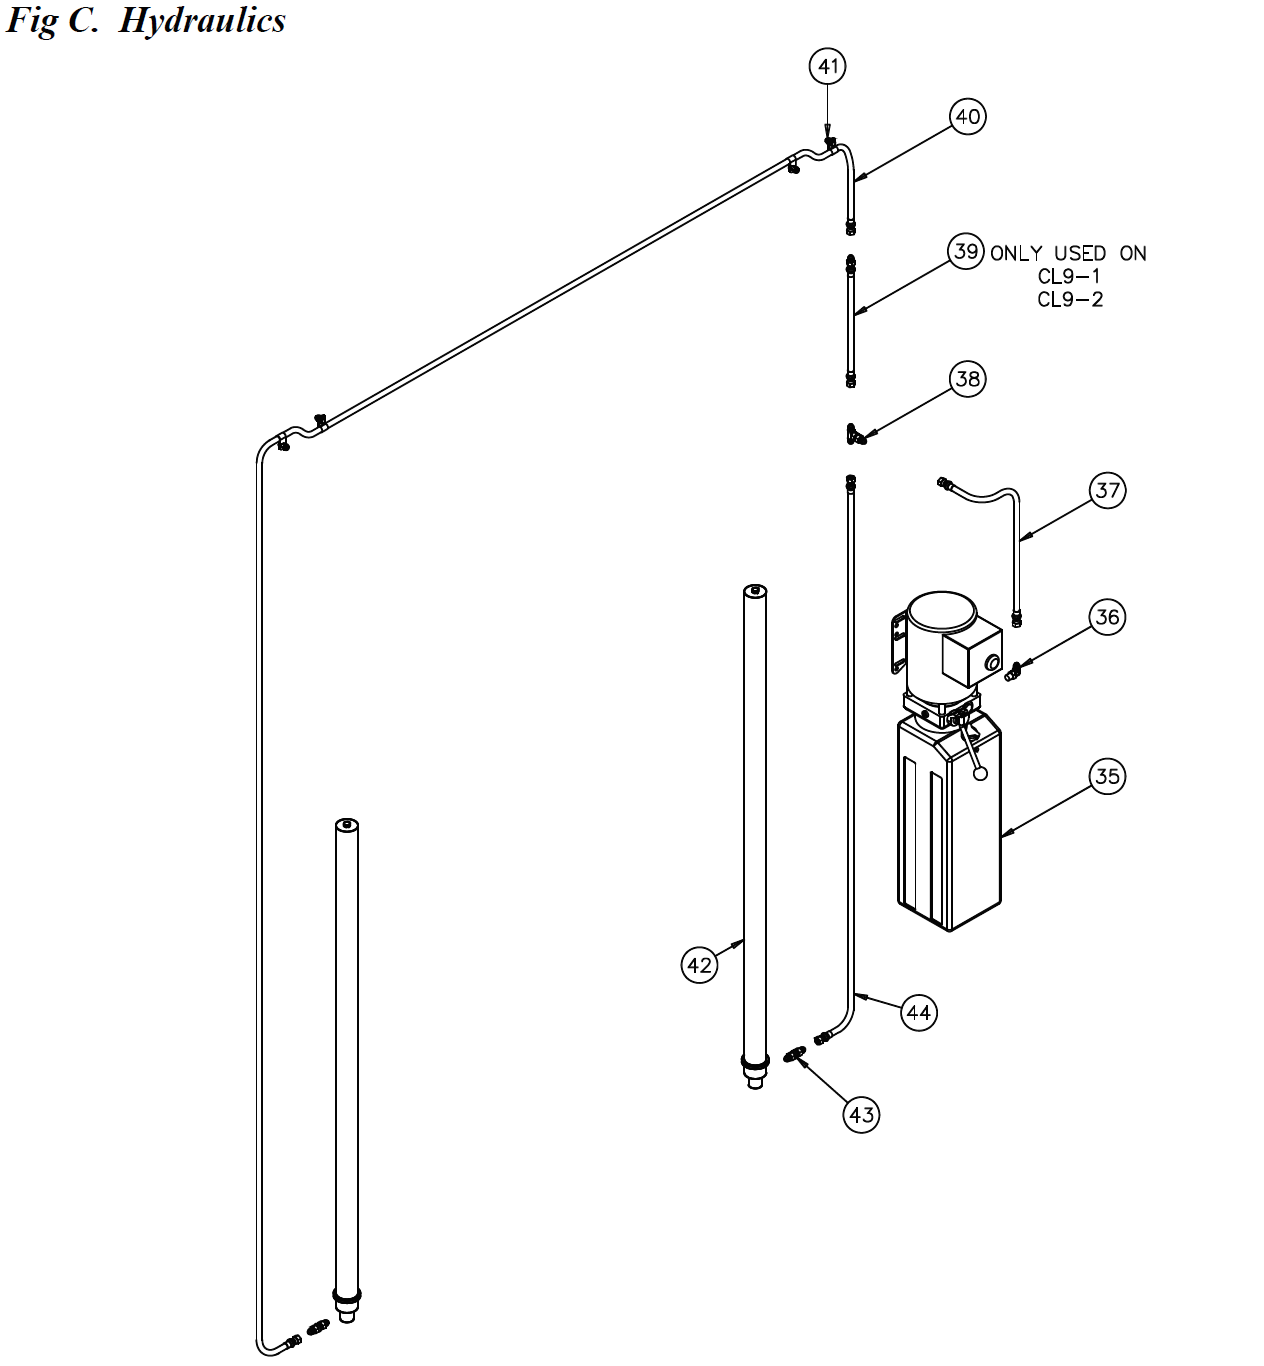 cl9-hydraulics-diagram.png